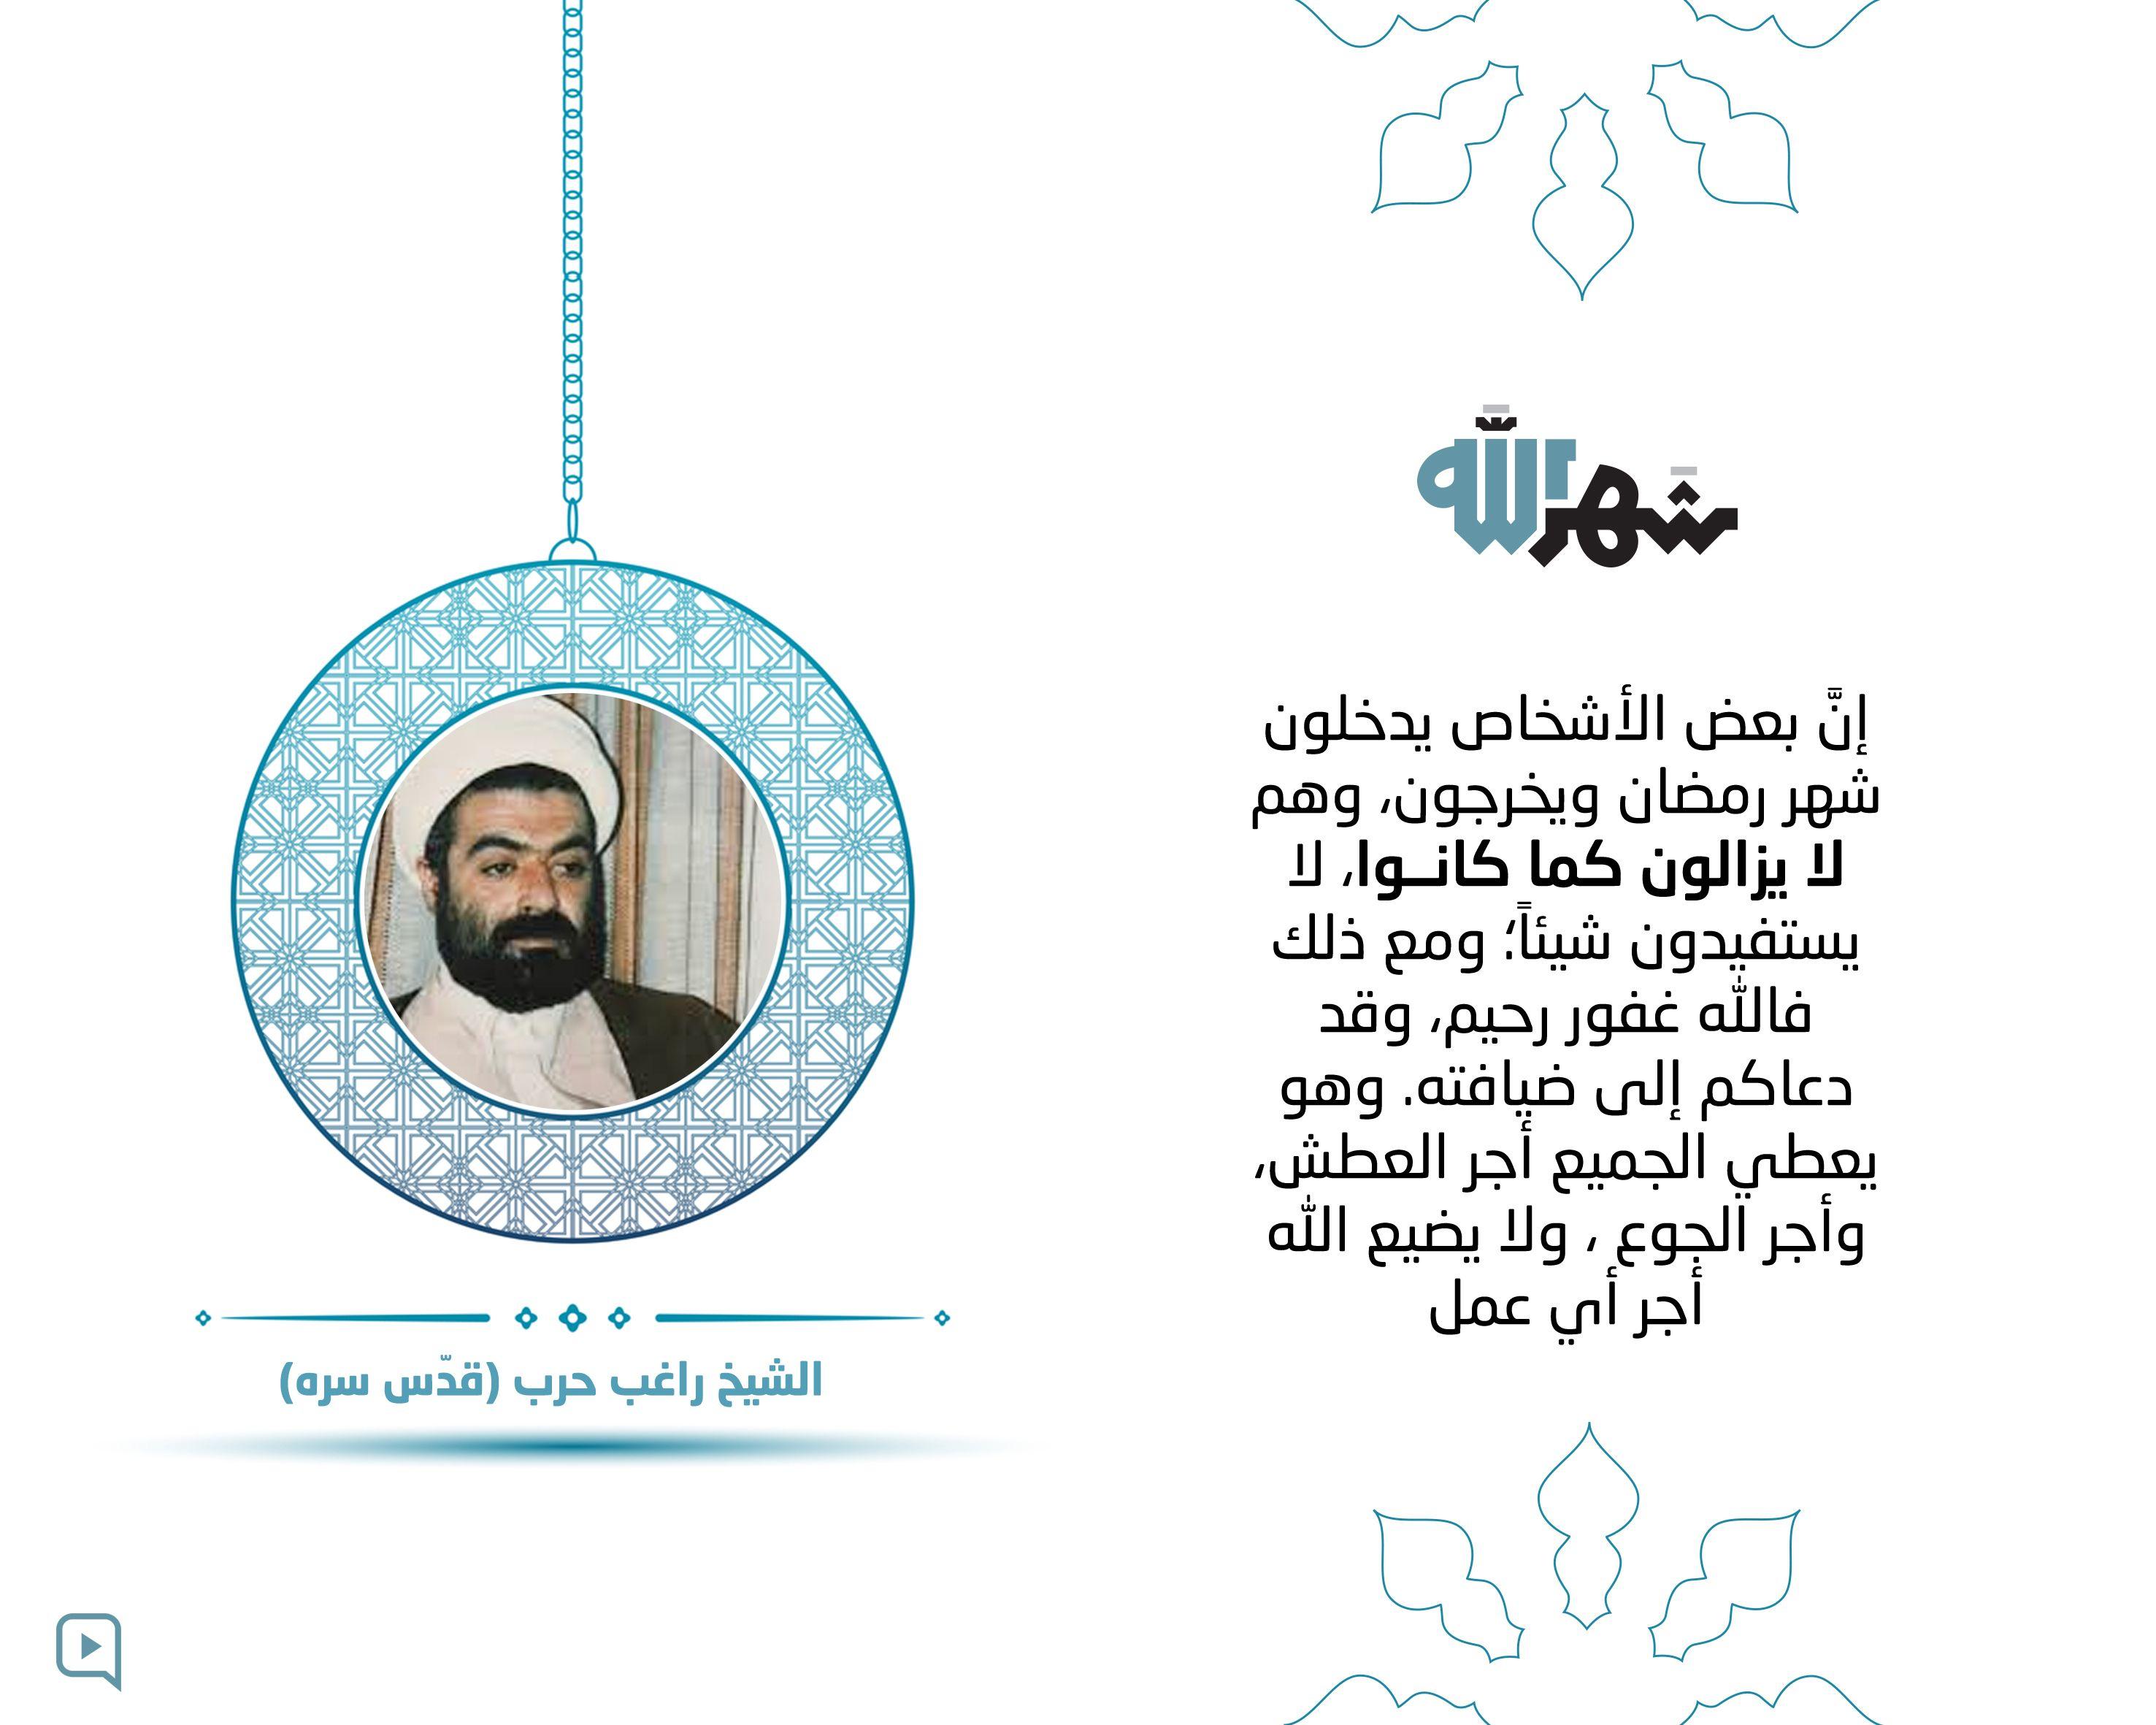 شهر رمضان الشيخ راغب حرب Movie Posters Poster Movies